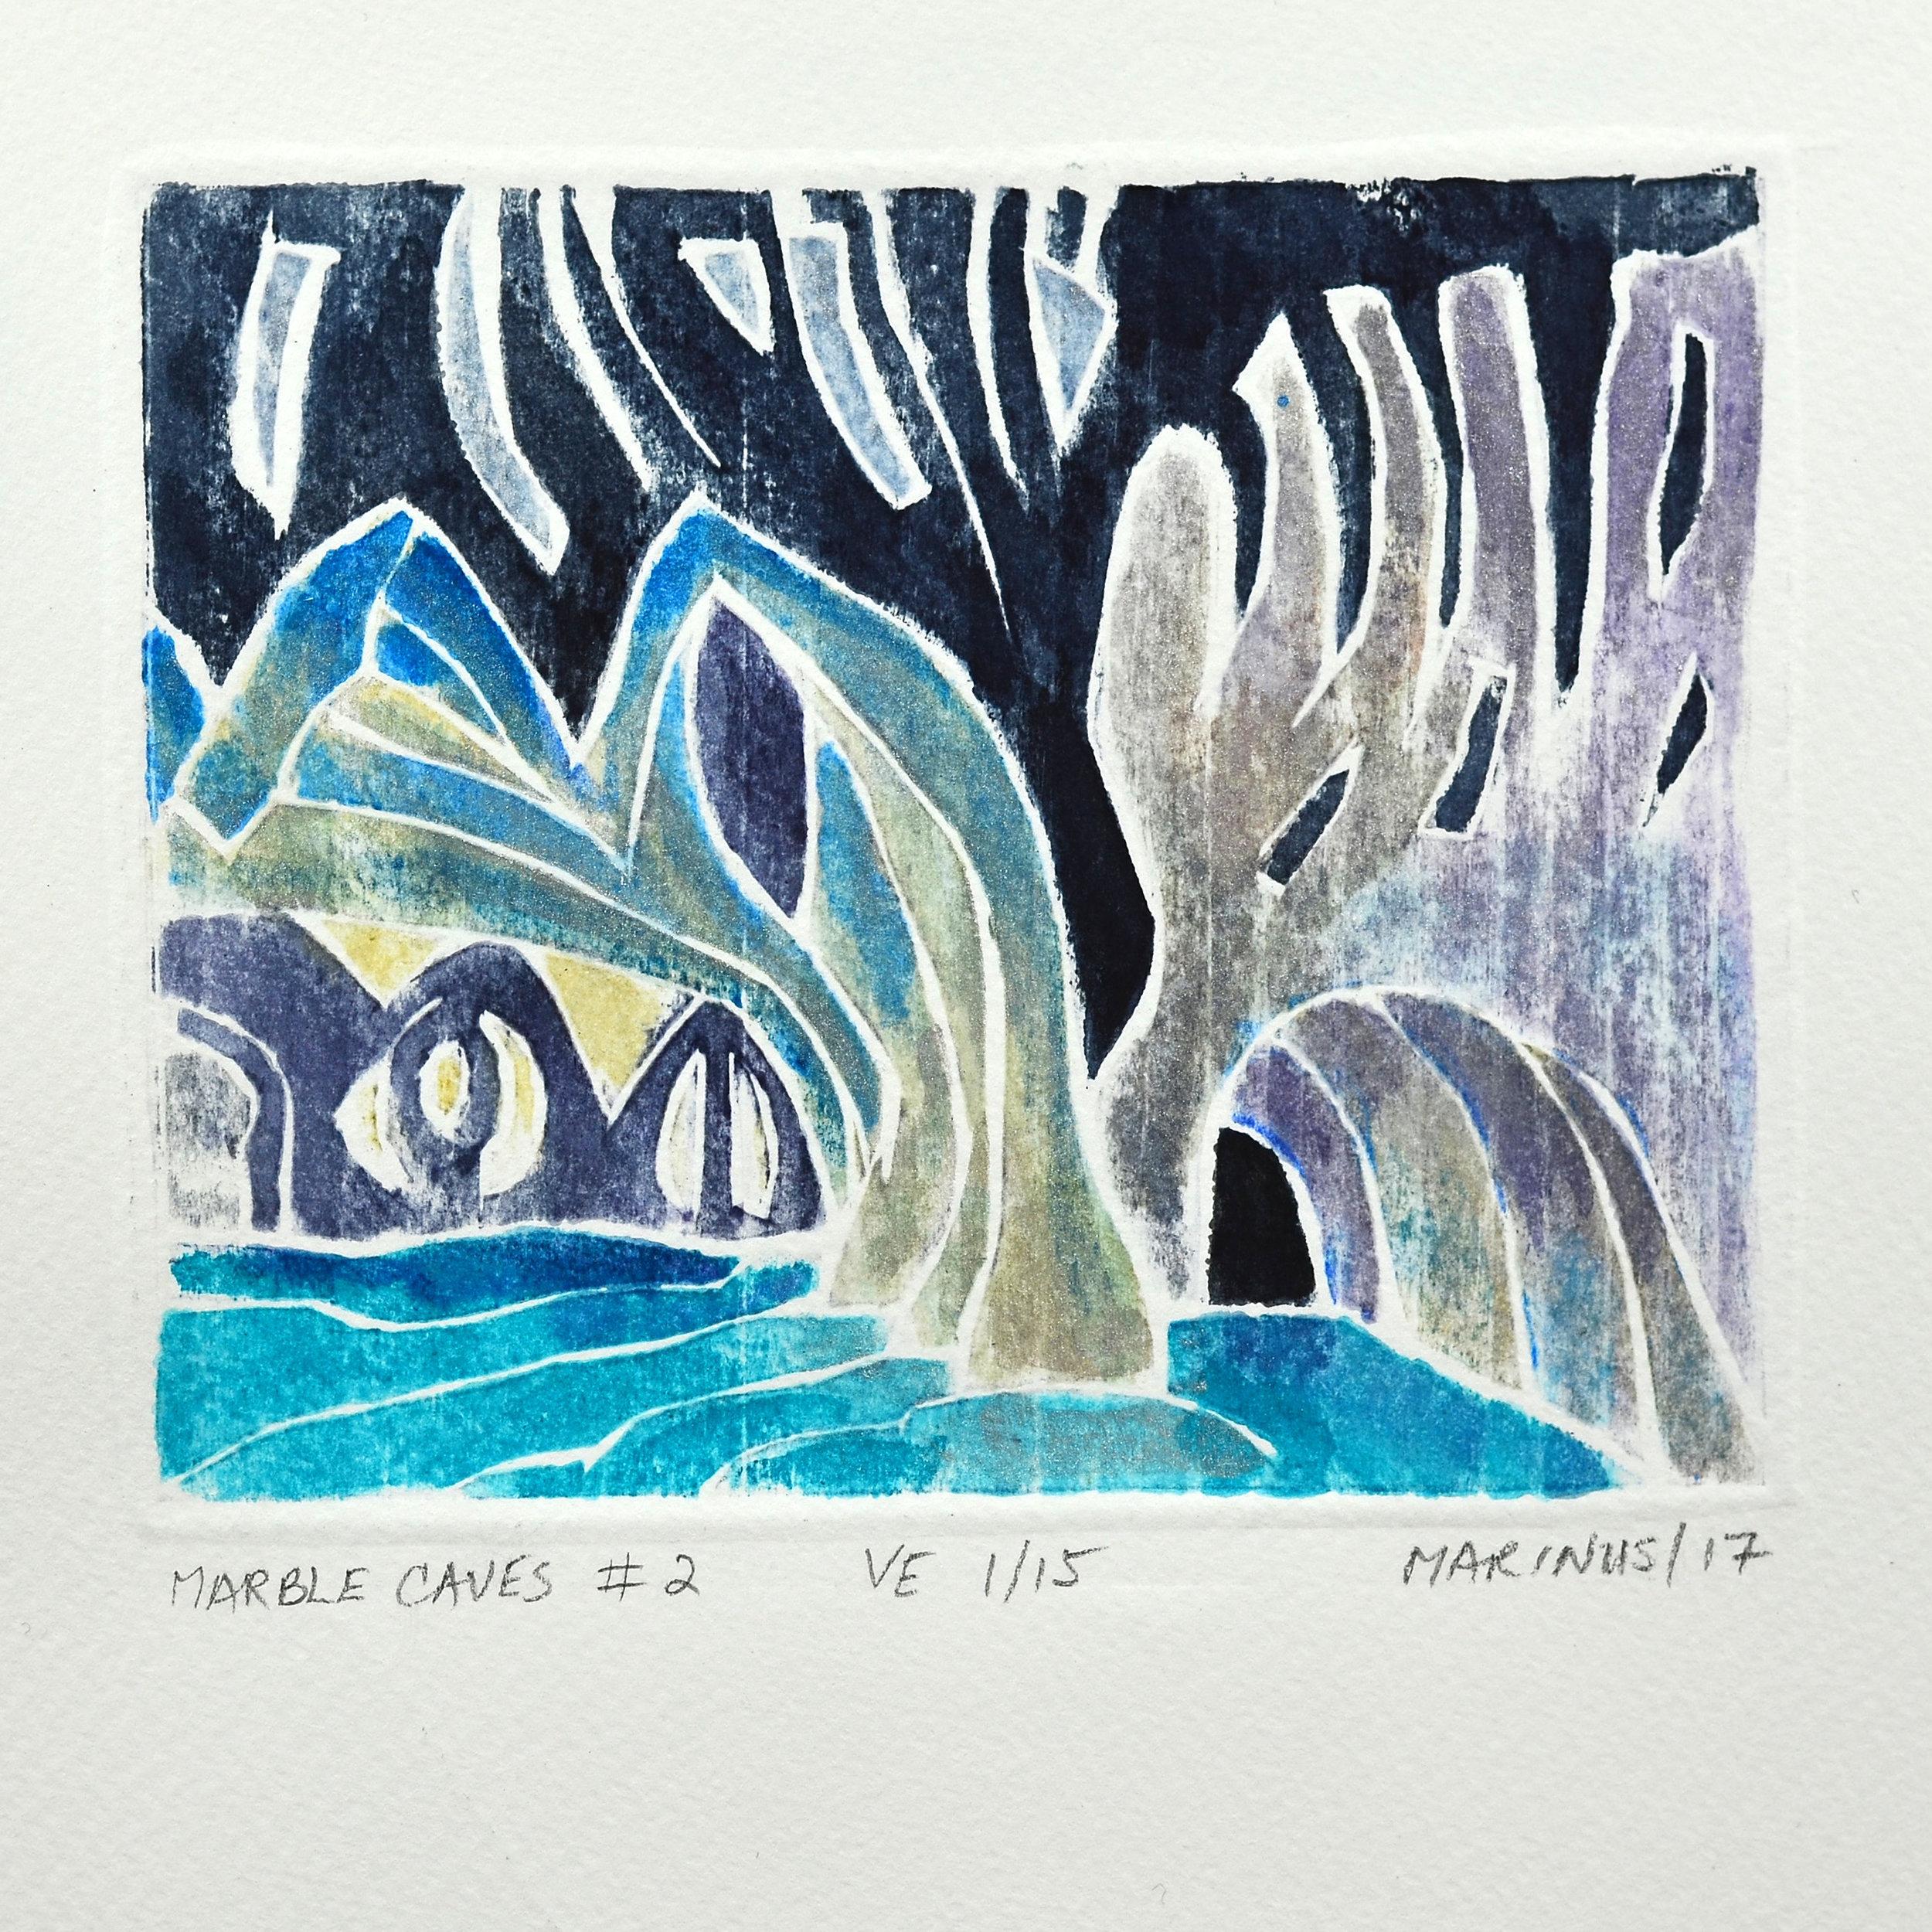 Anthony Vander Voet     Marble Caves #2   w/c woodblock